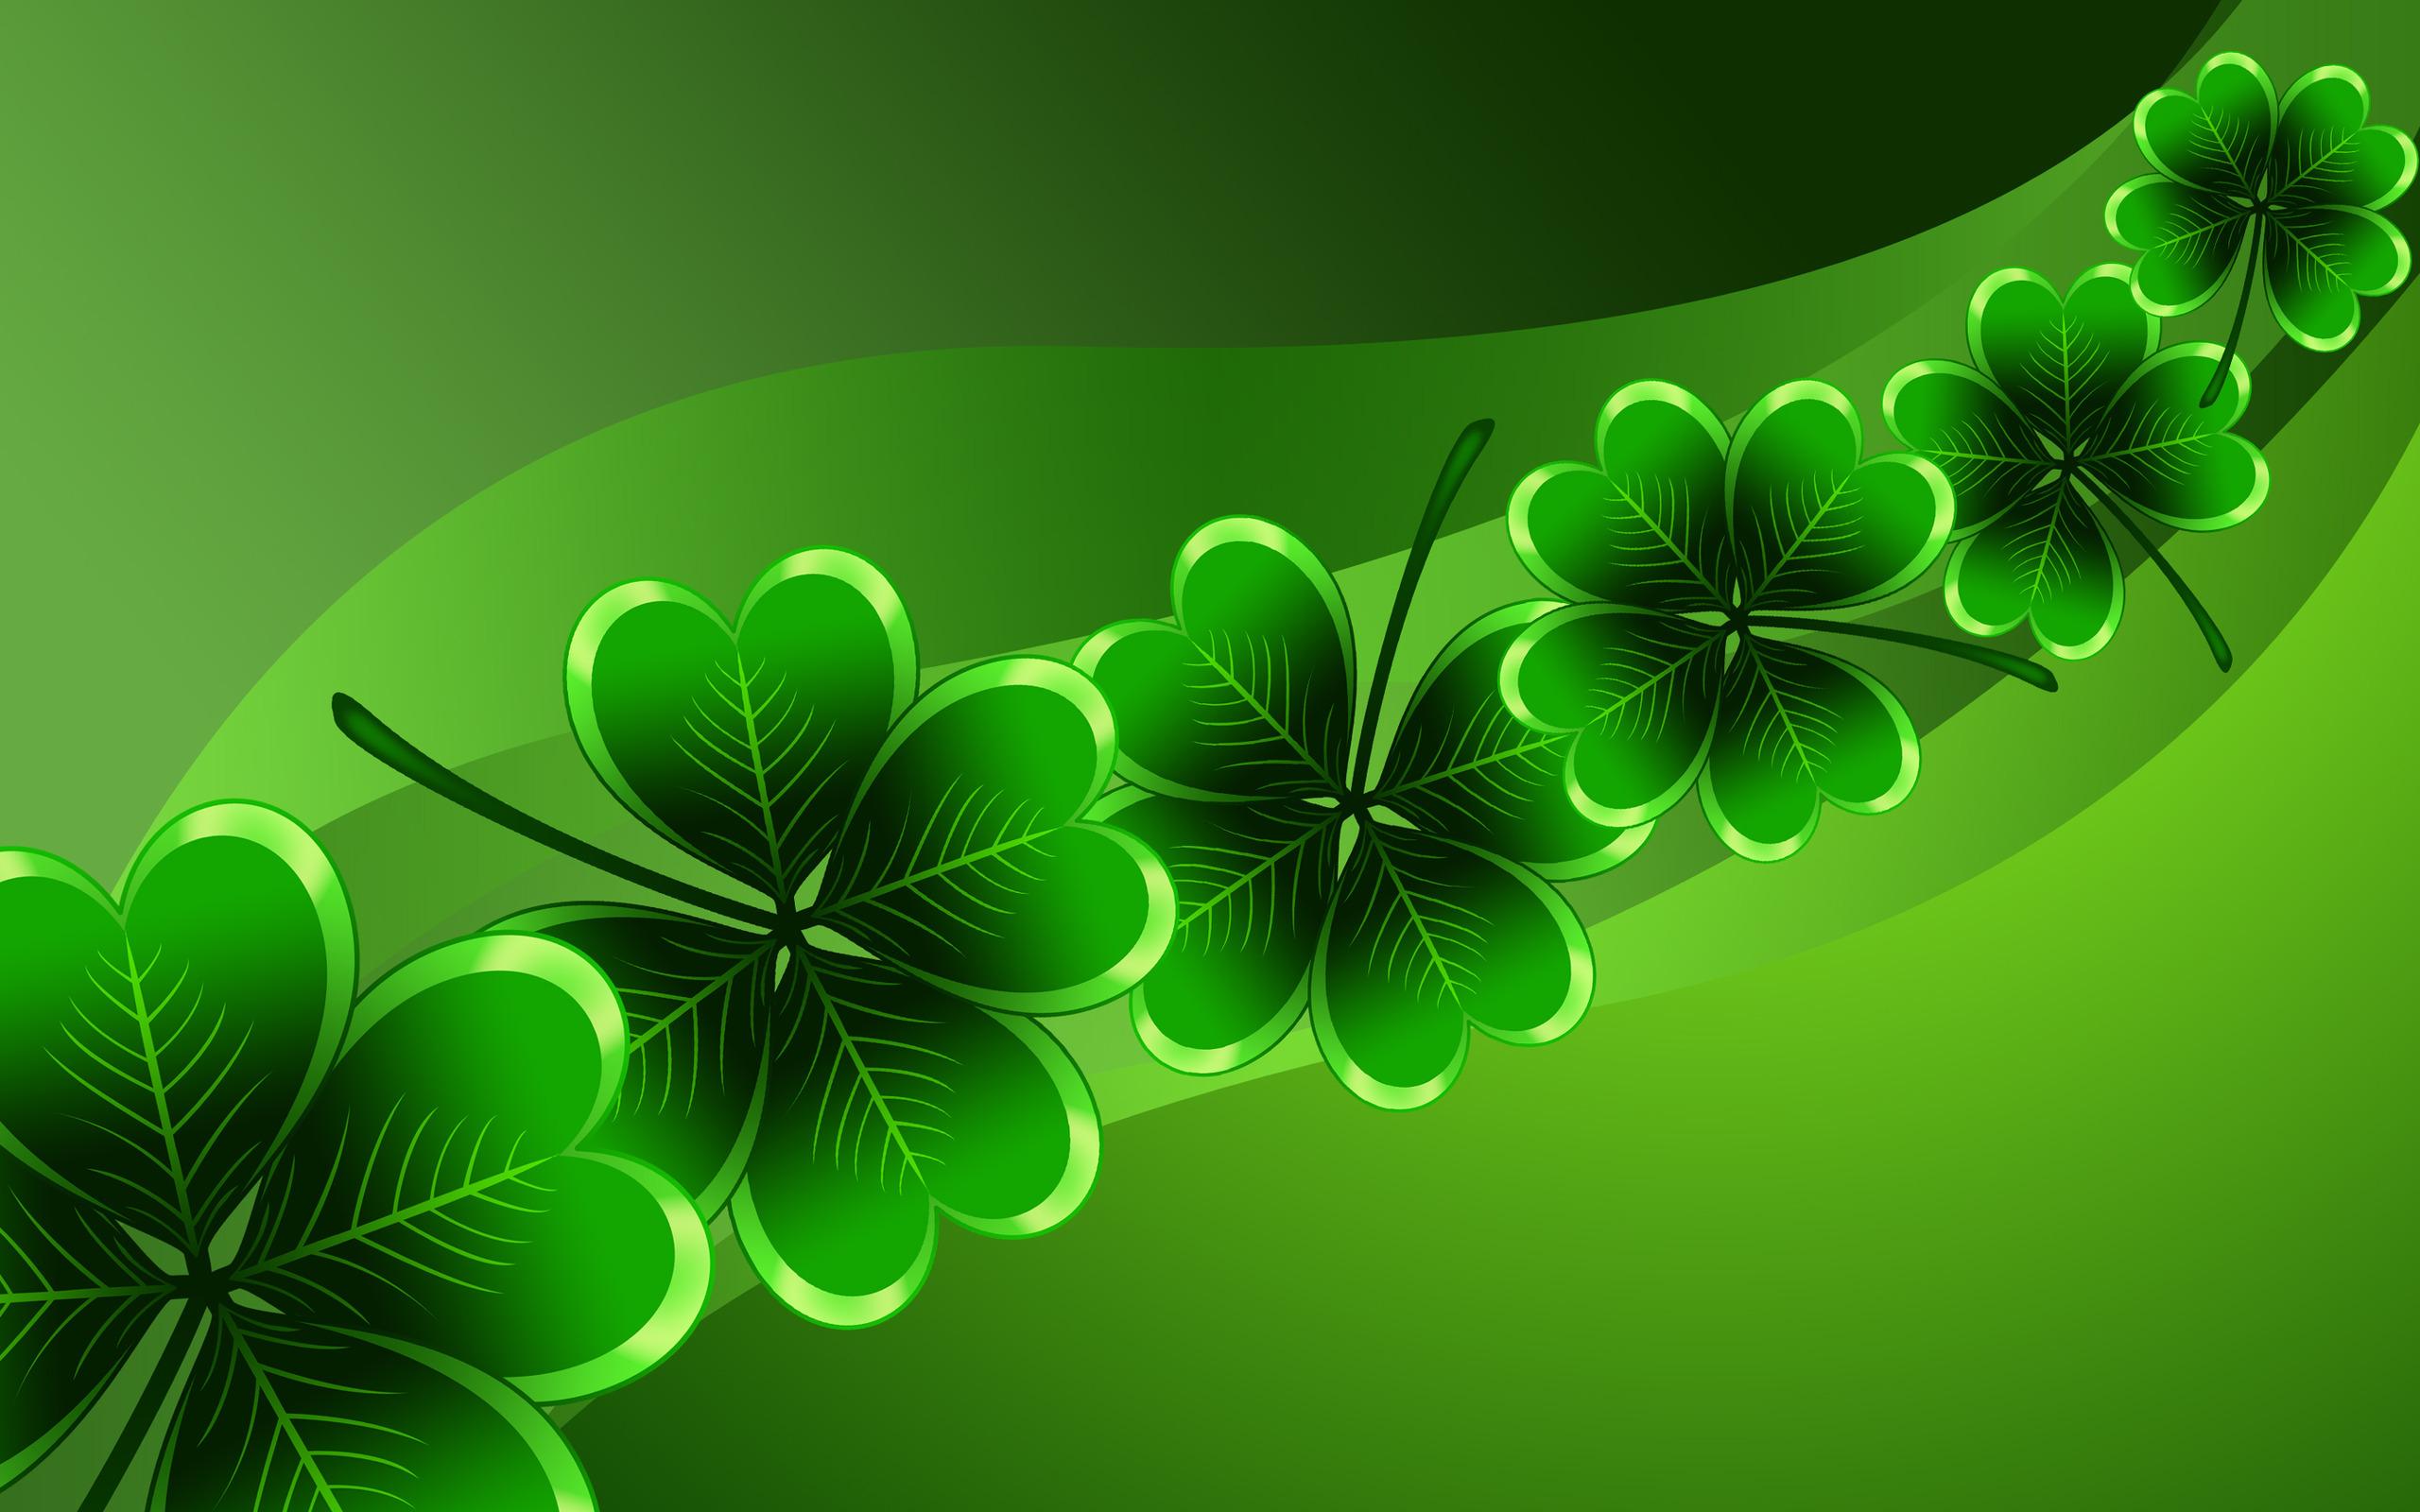 Saint Patrick's Day Wallpaper #10553